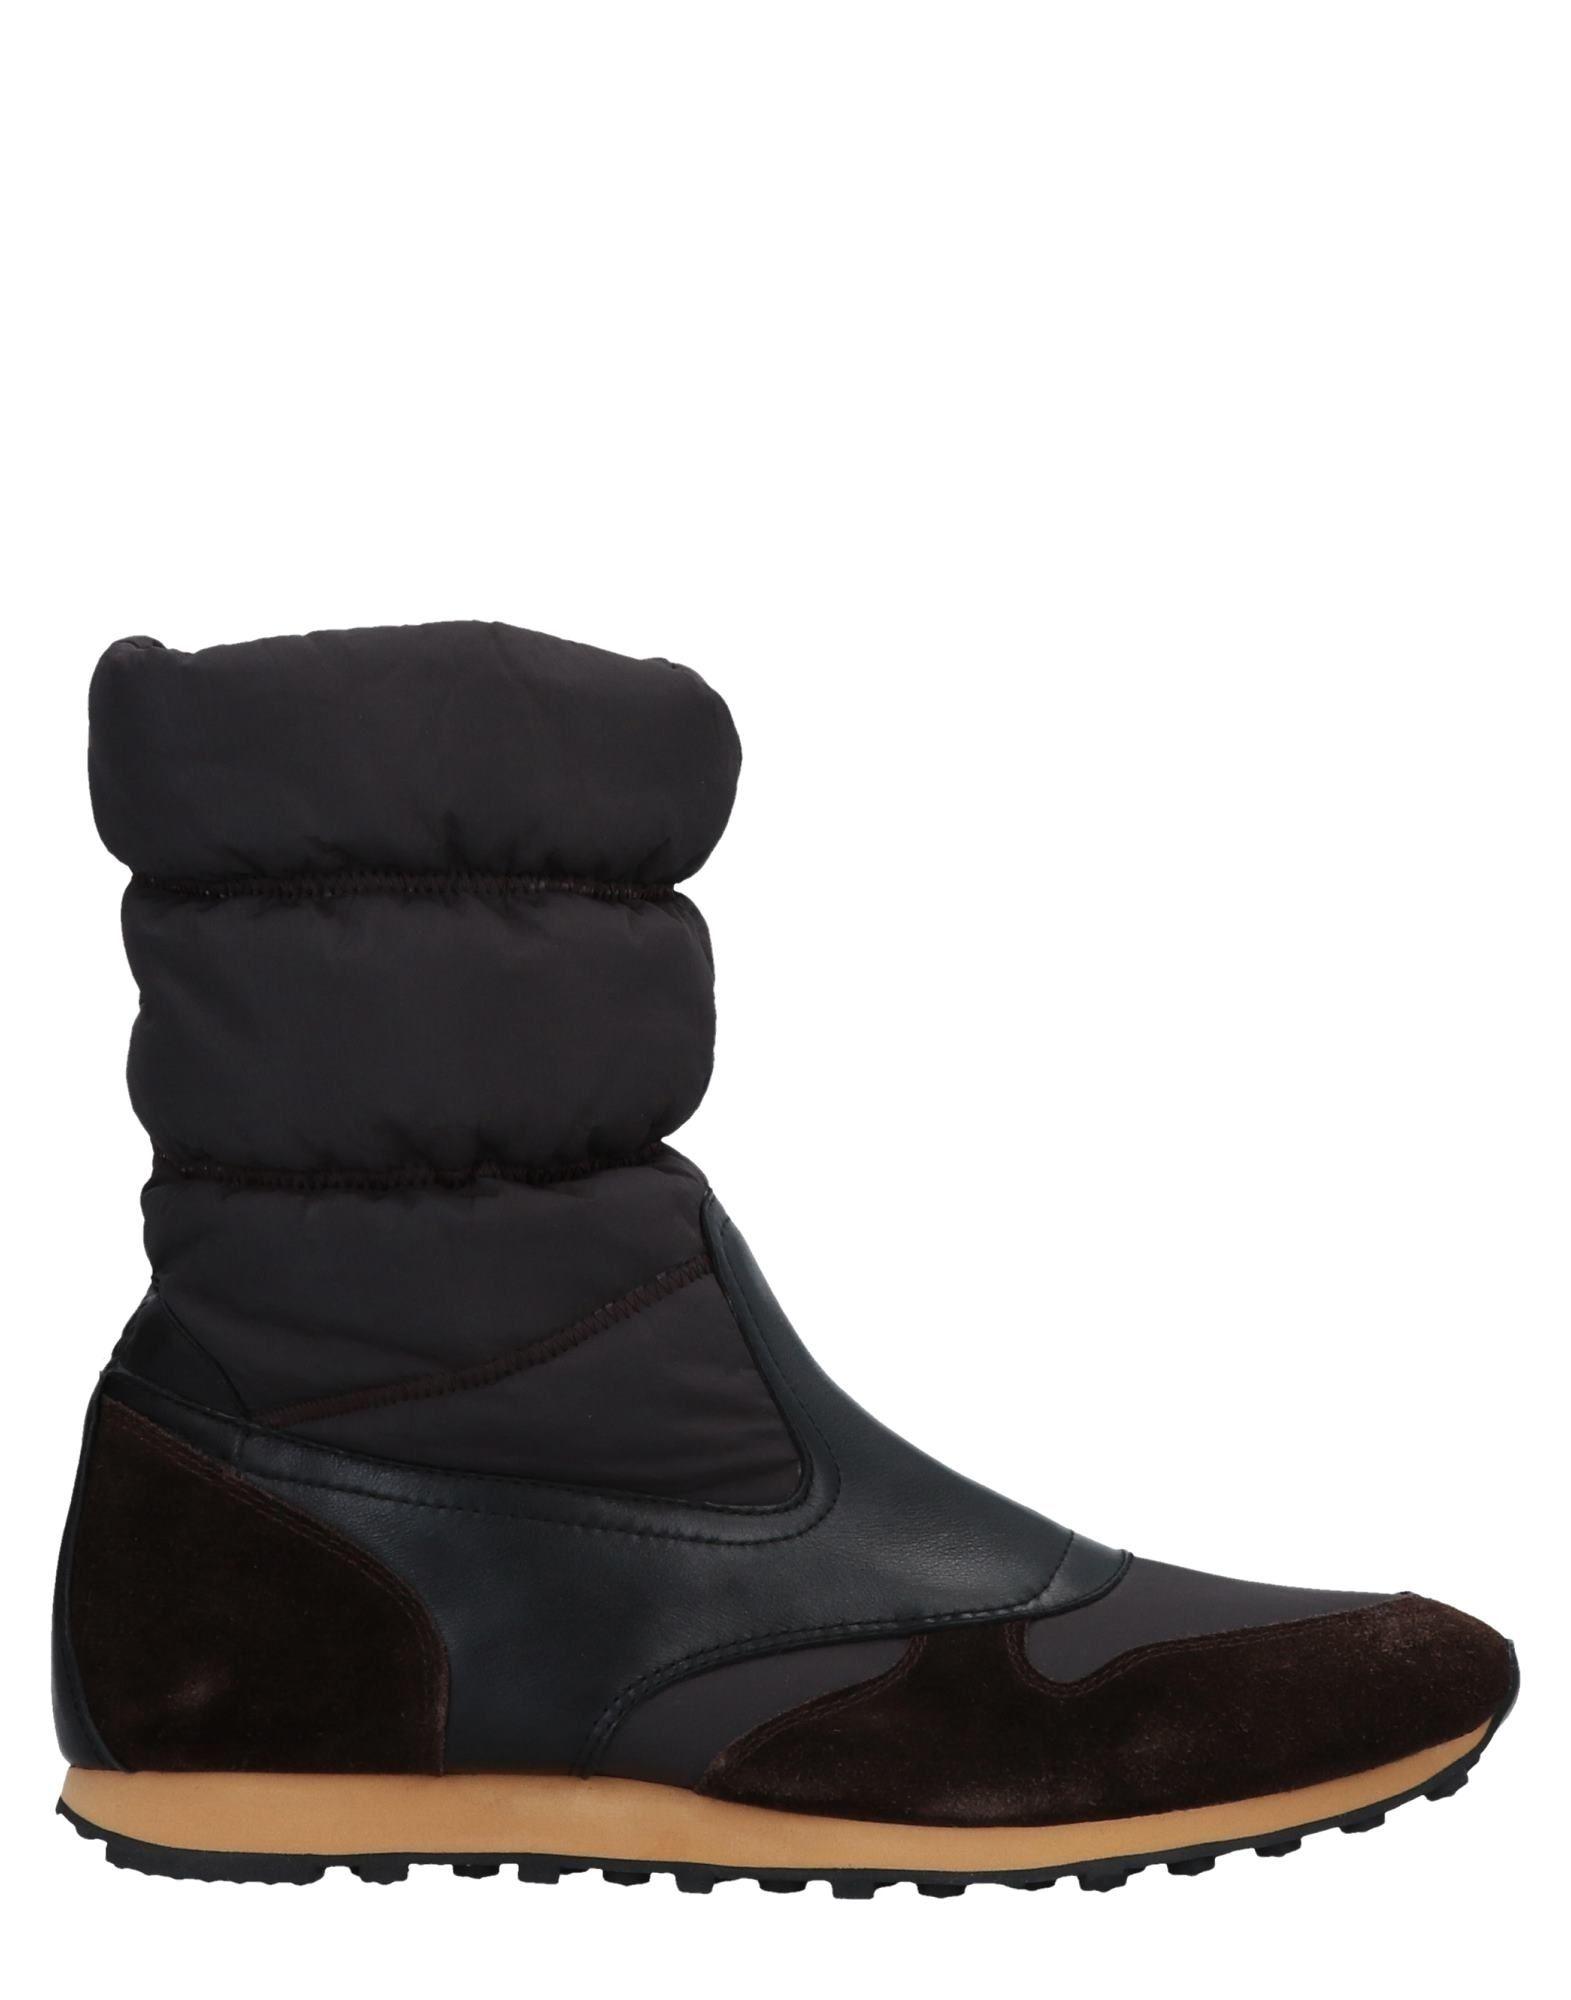 Ash Stiefelette Herren  11512321XX Gute Qualität beliebte Schuhe